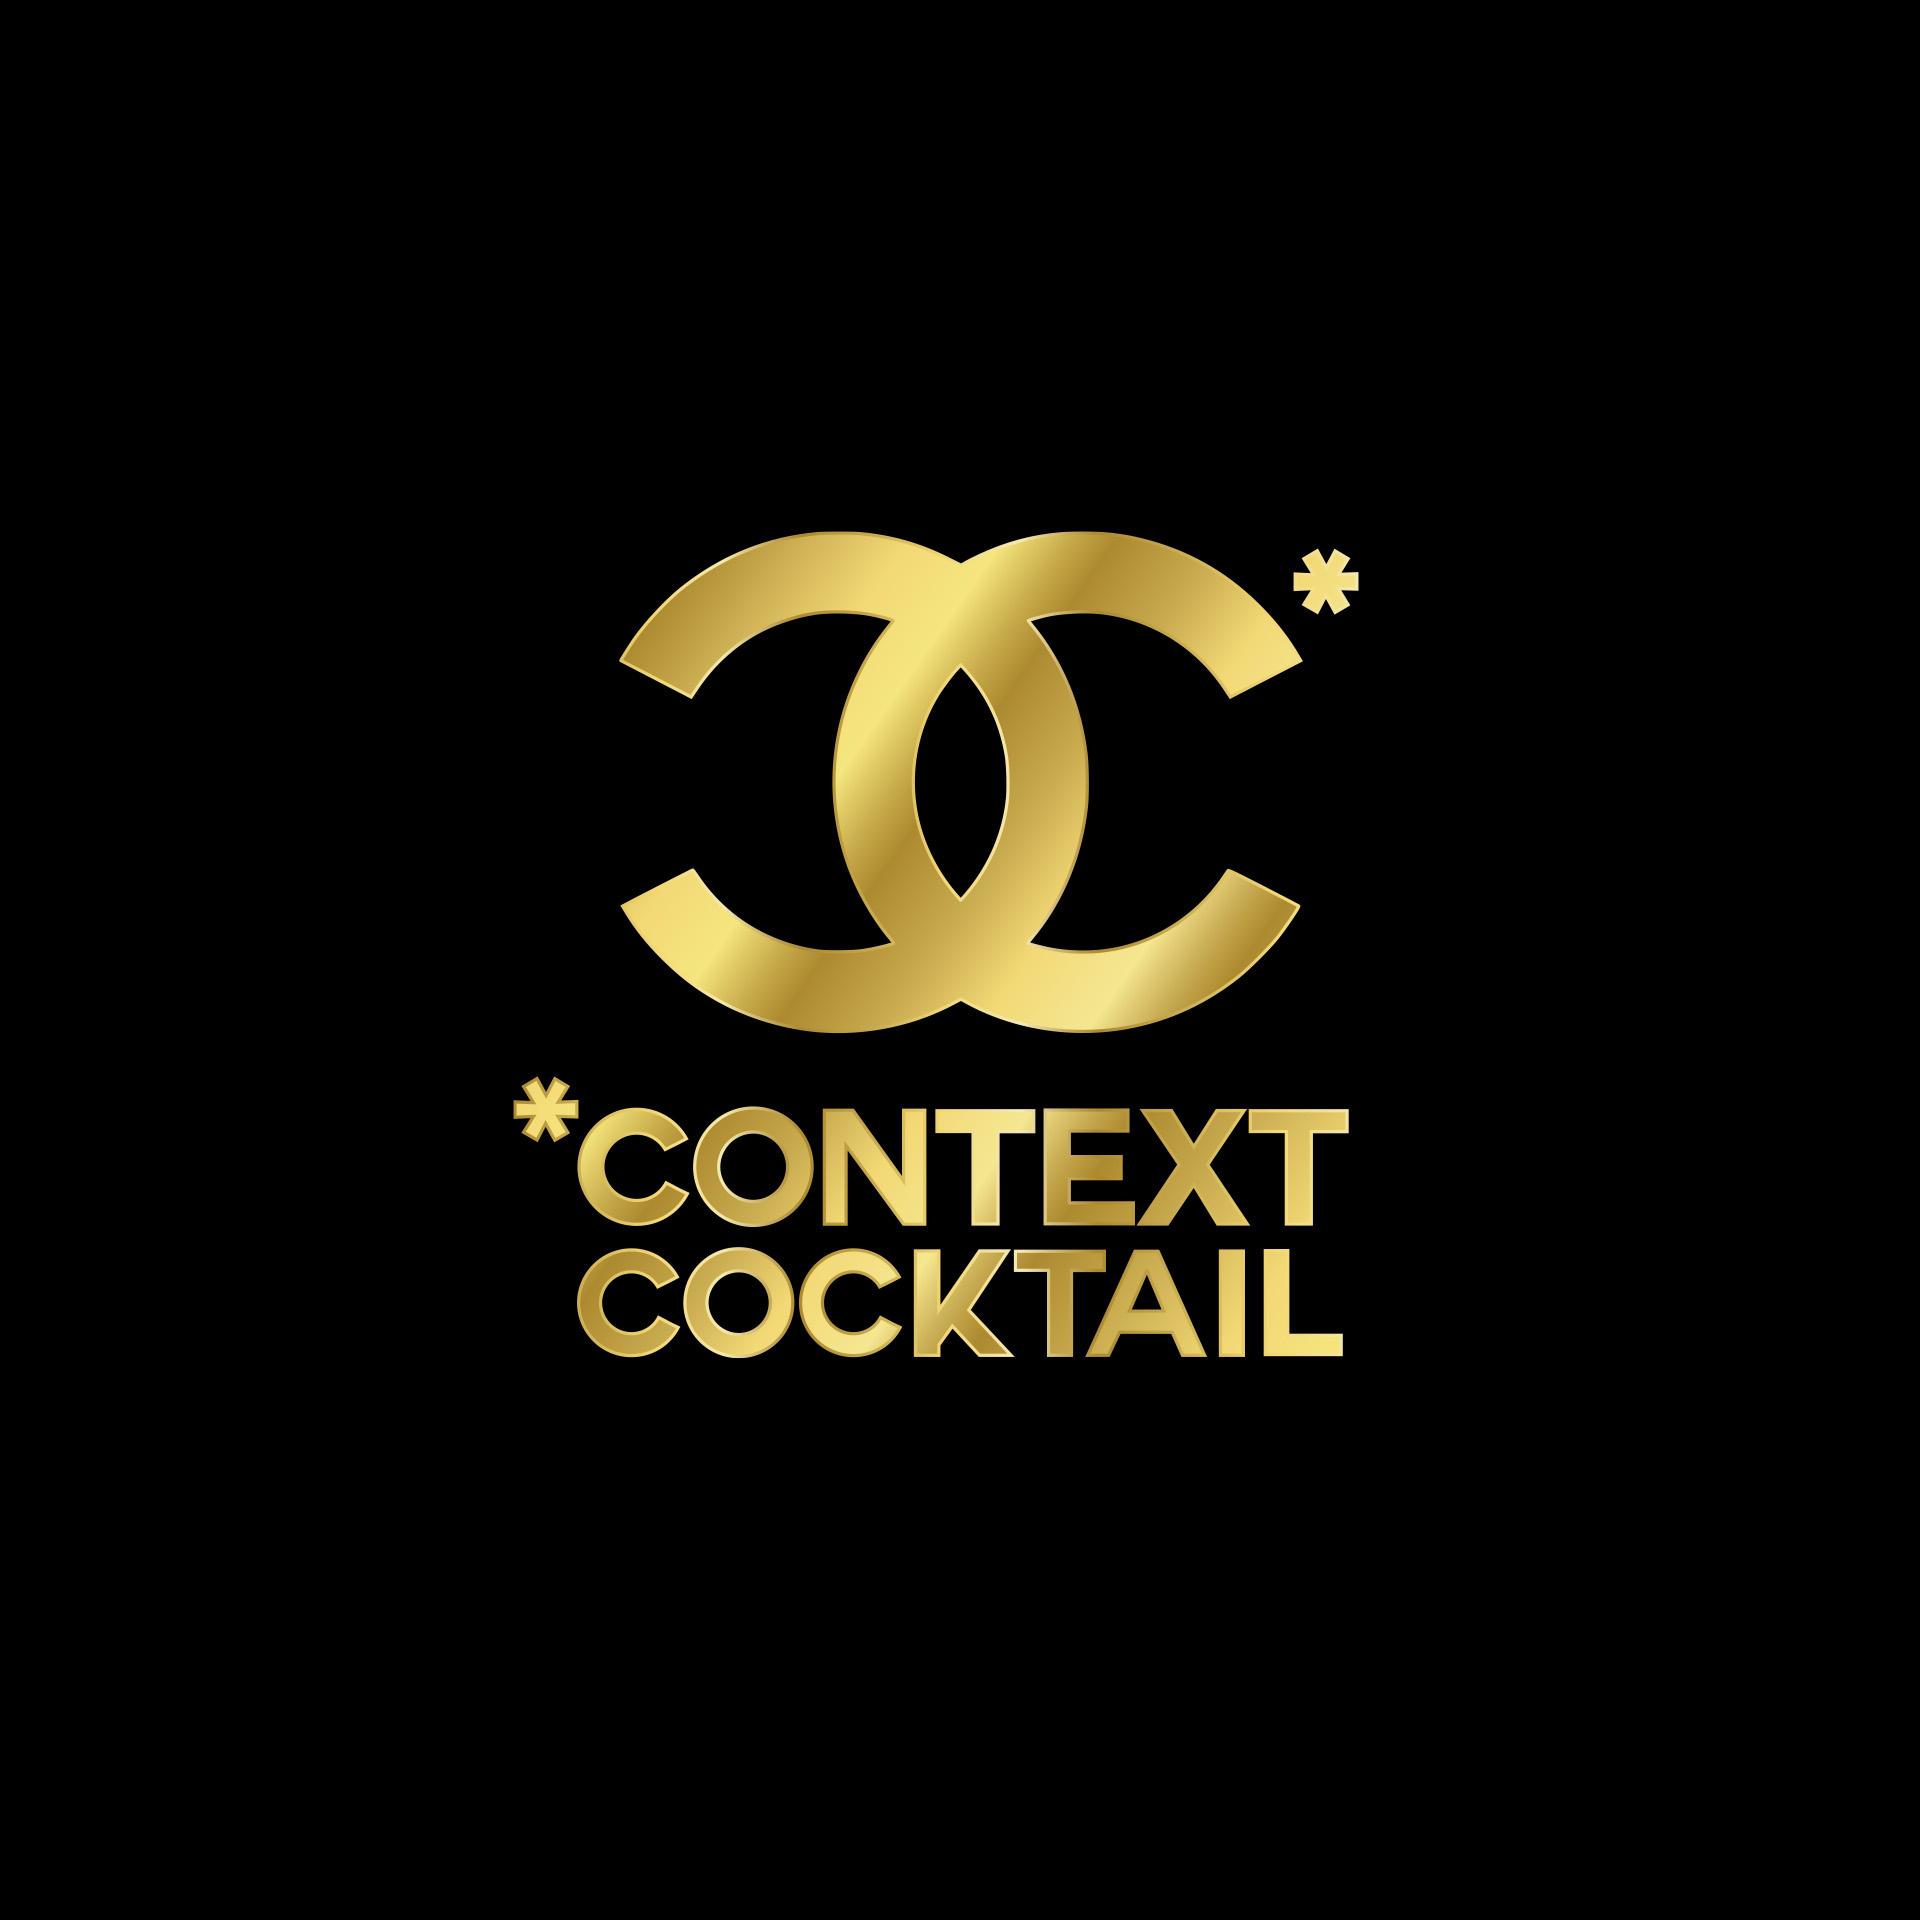 ContextCocktail